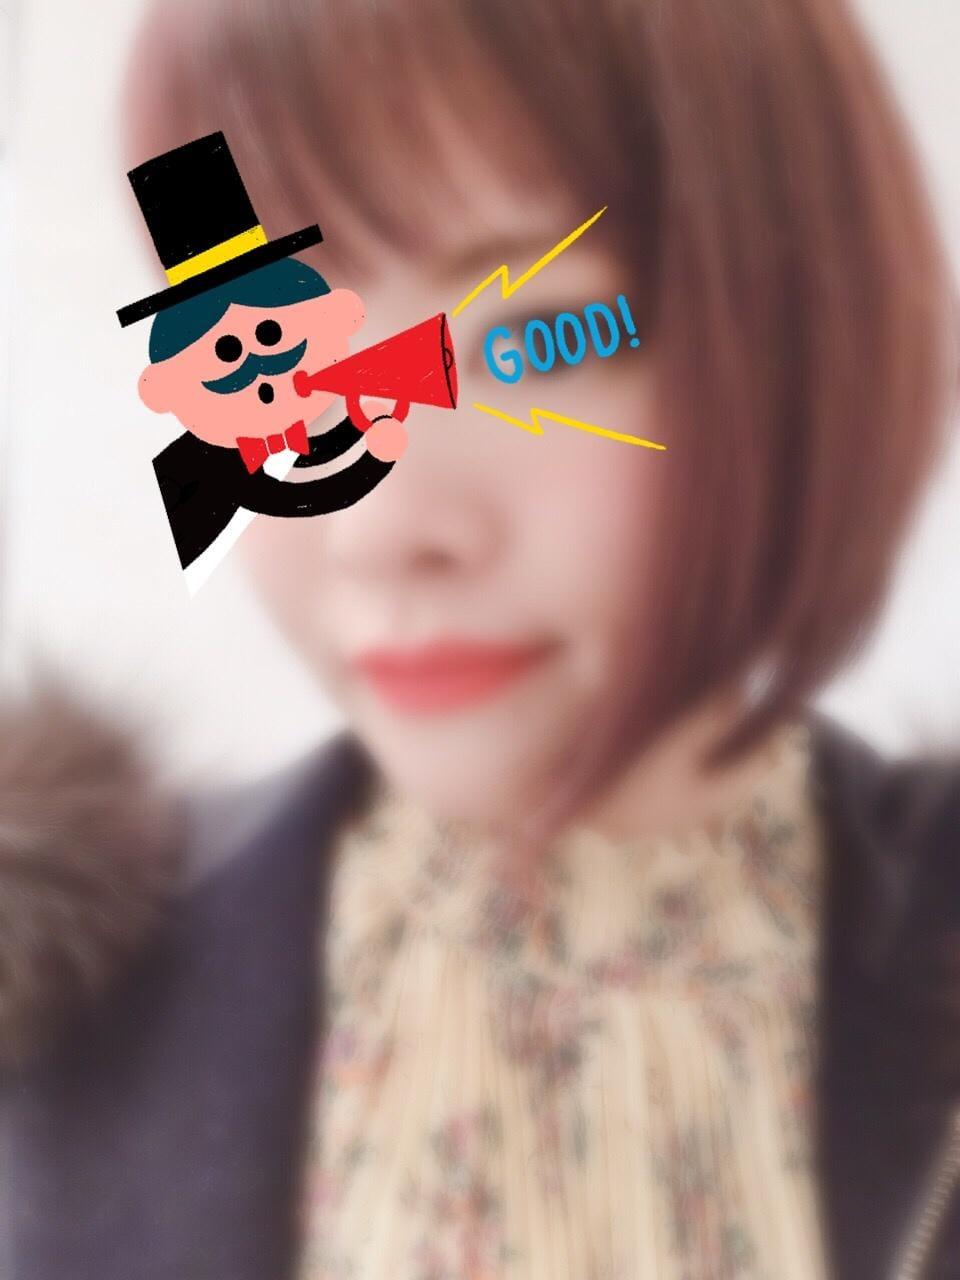 元気で〜〜〜〜〜〜す